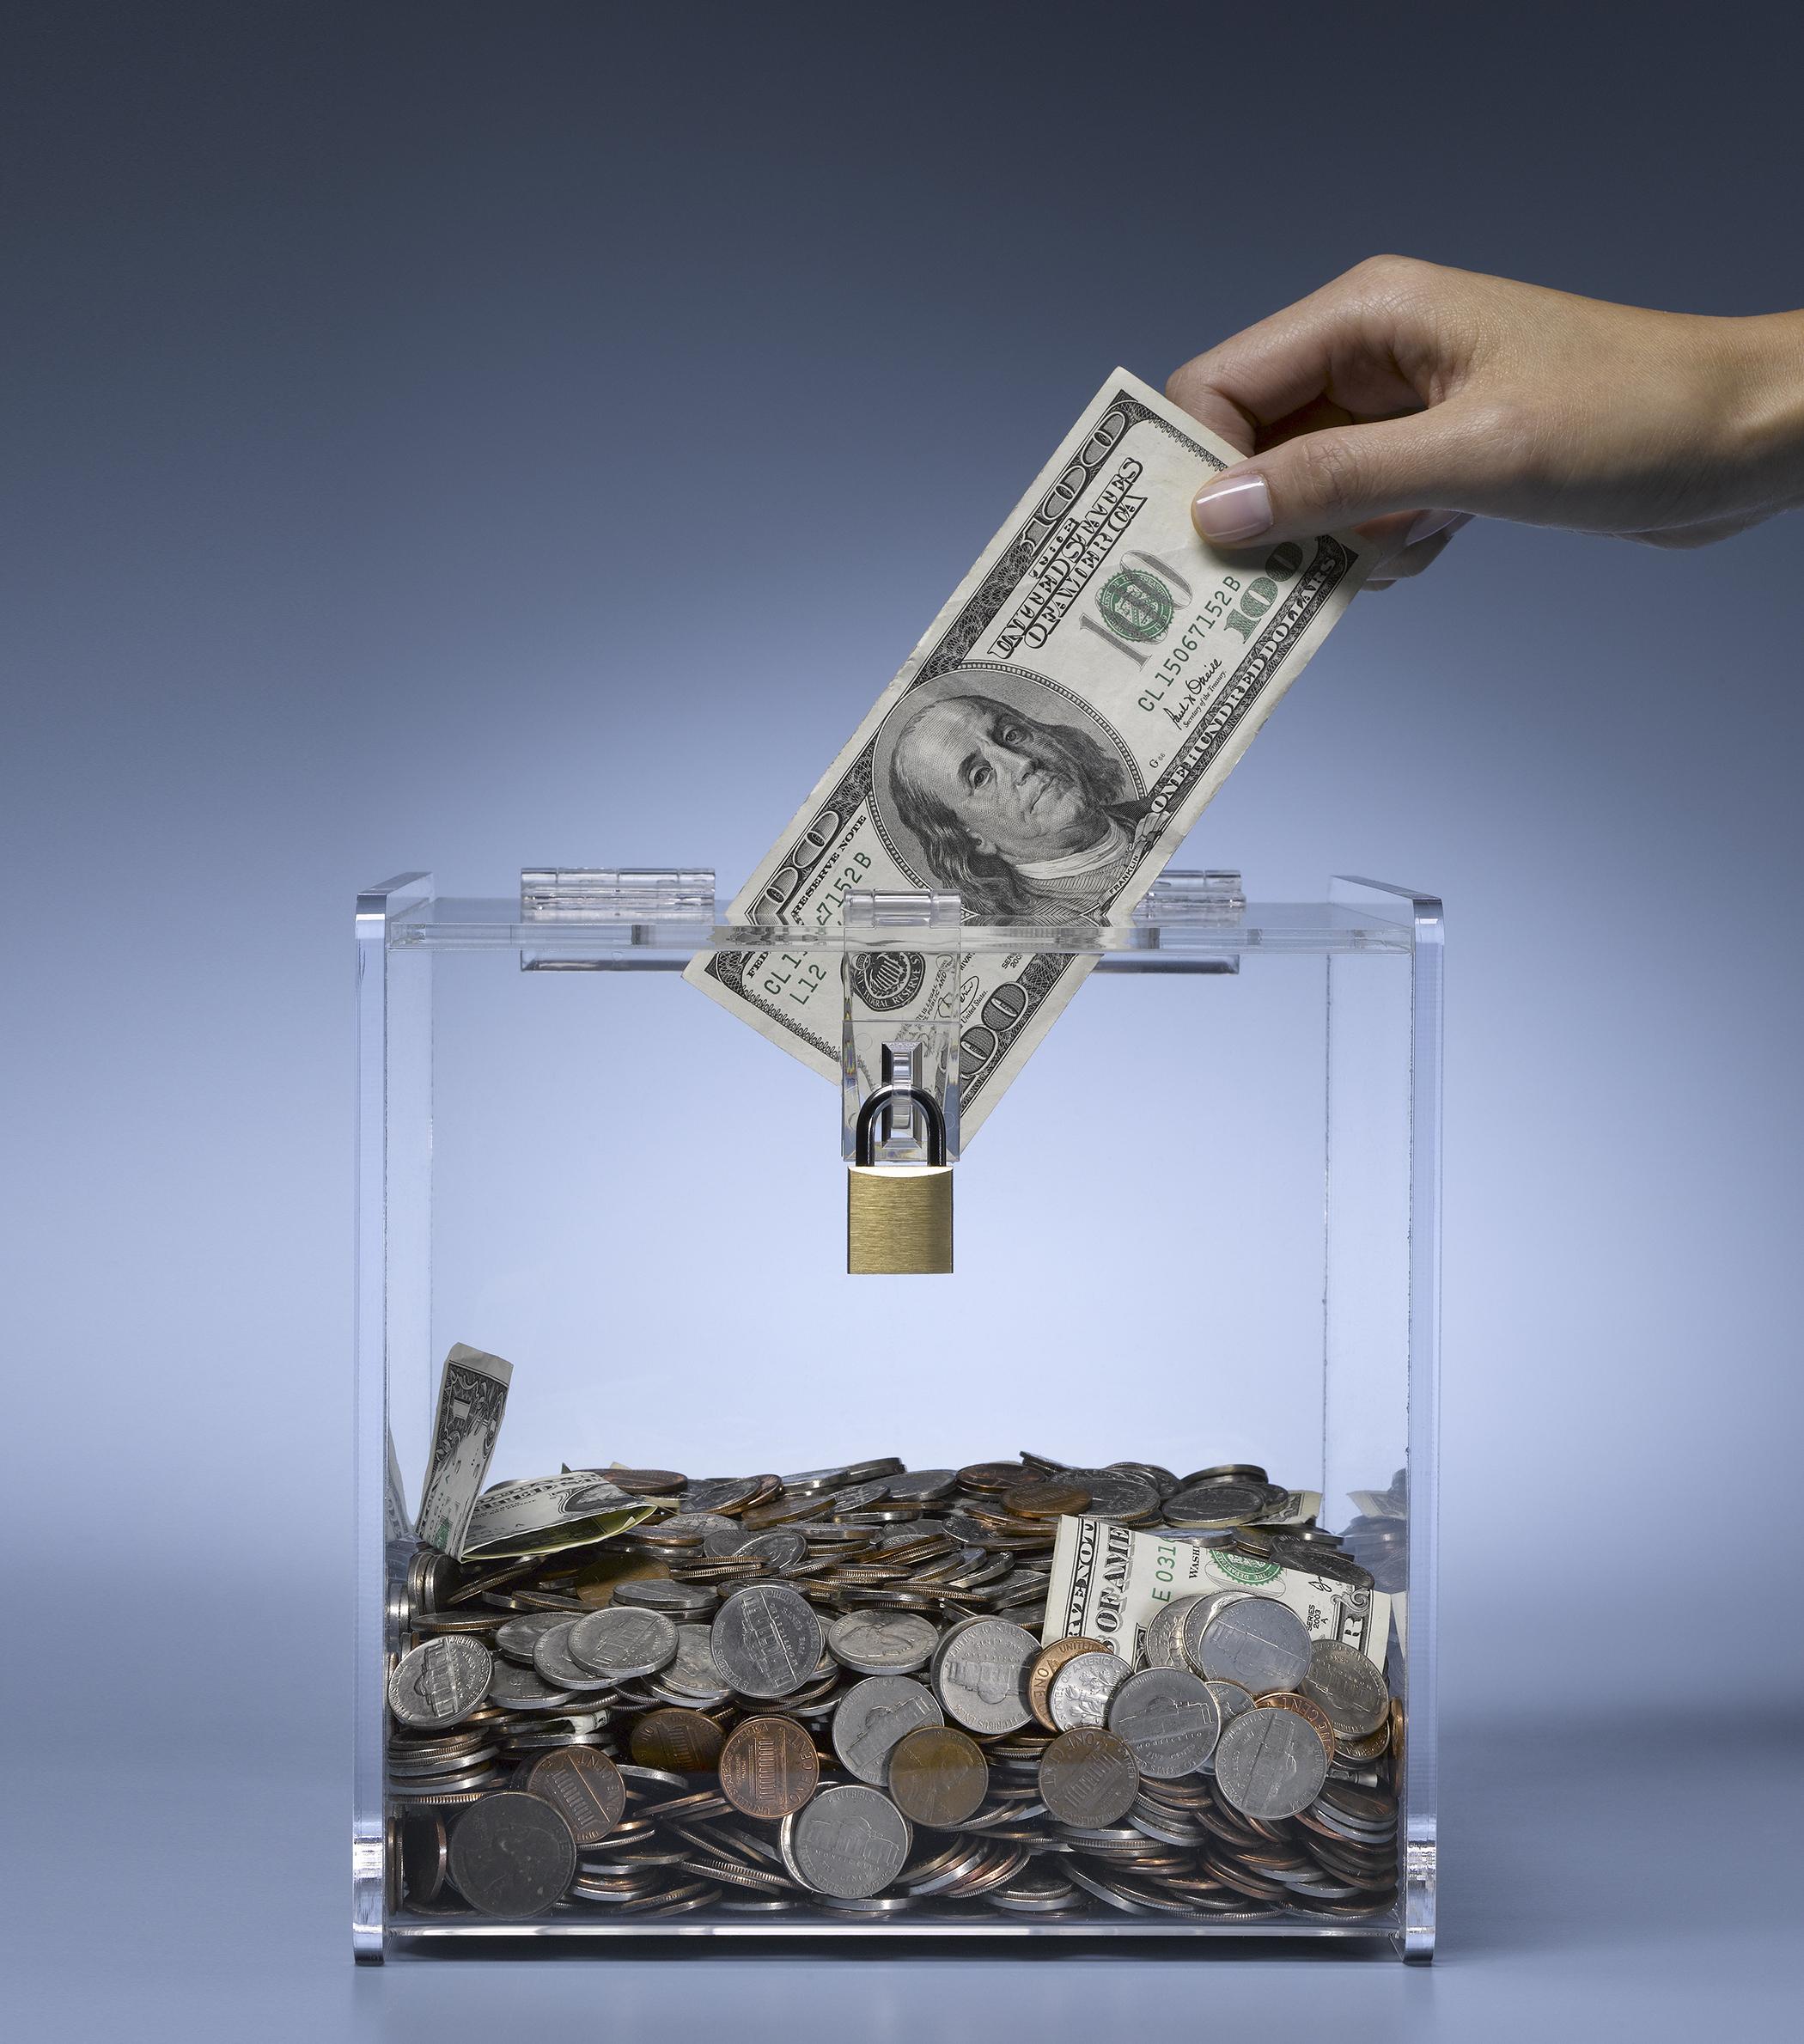 Картинки про сбор денег